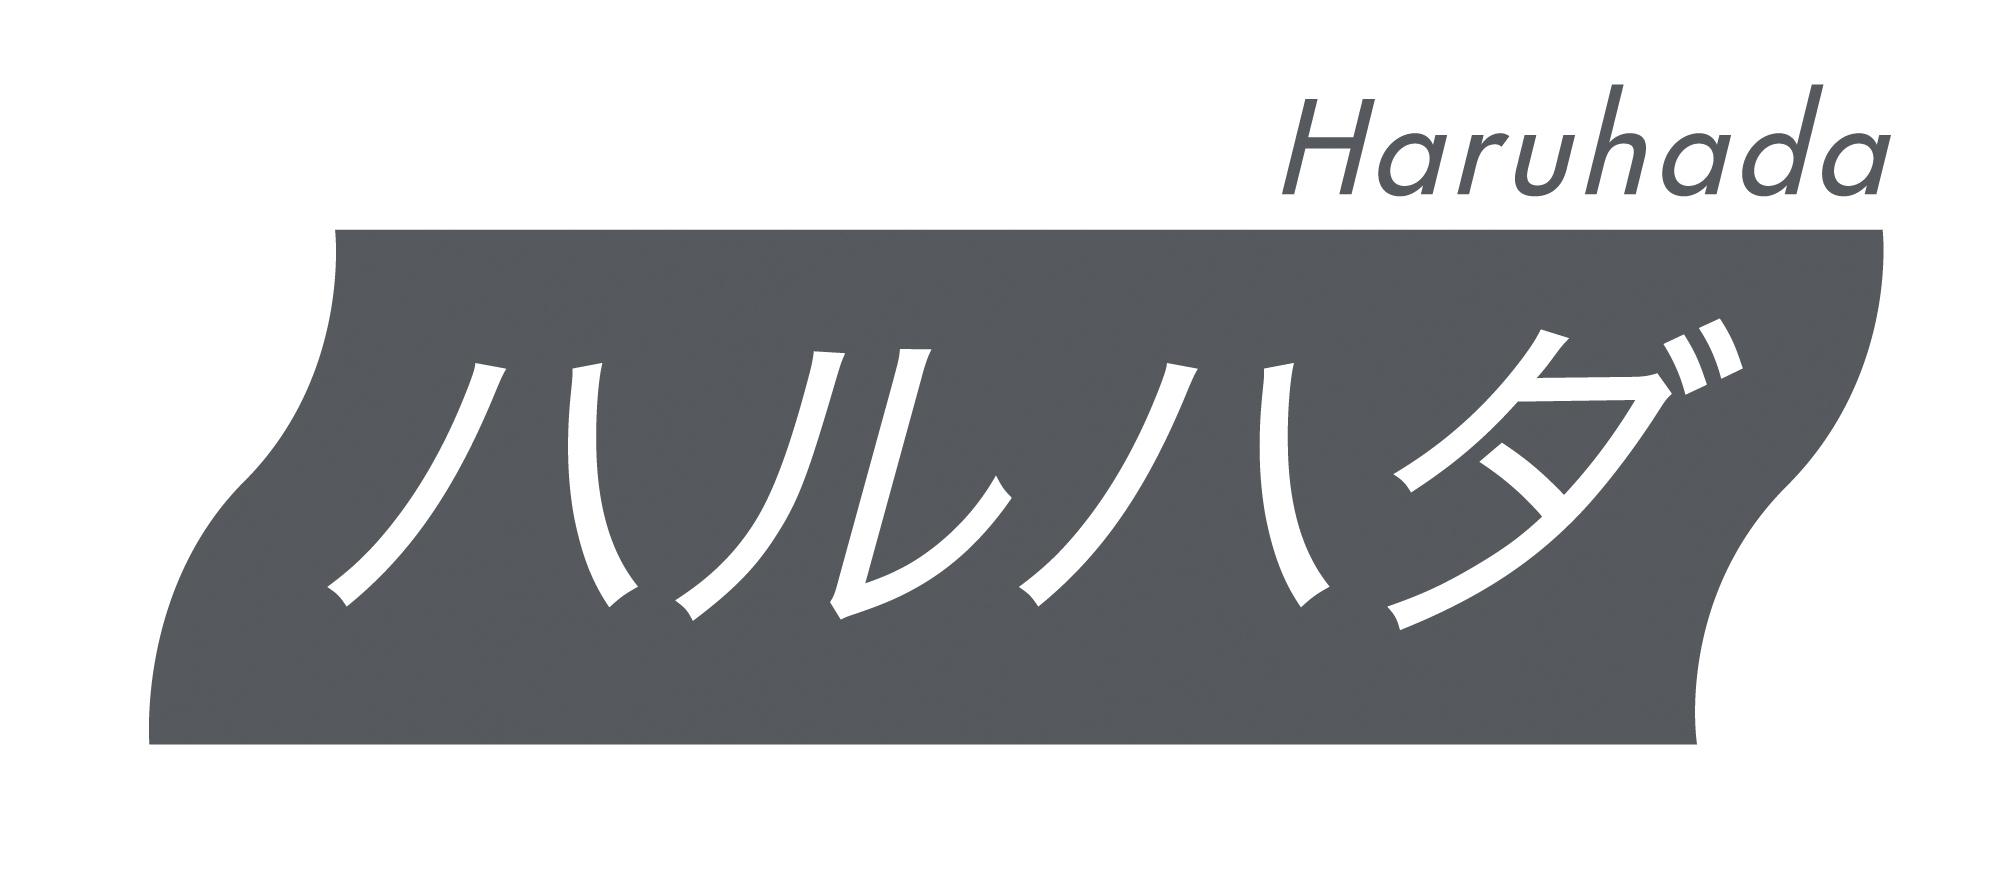 Haruhada